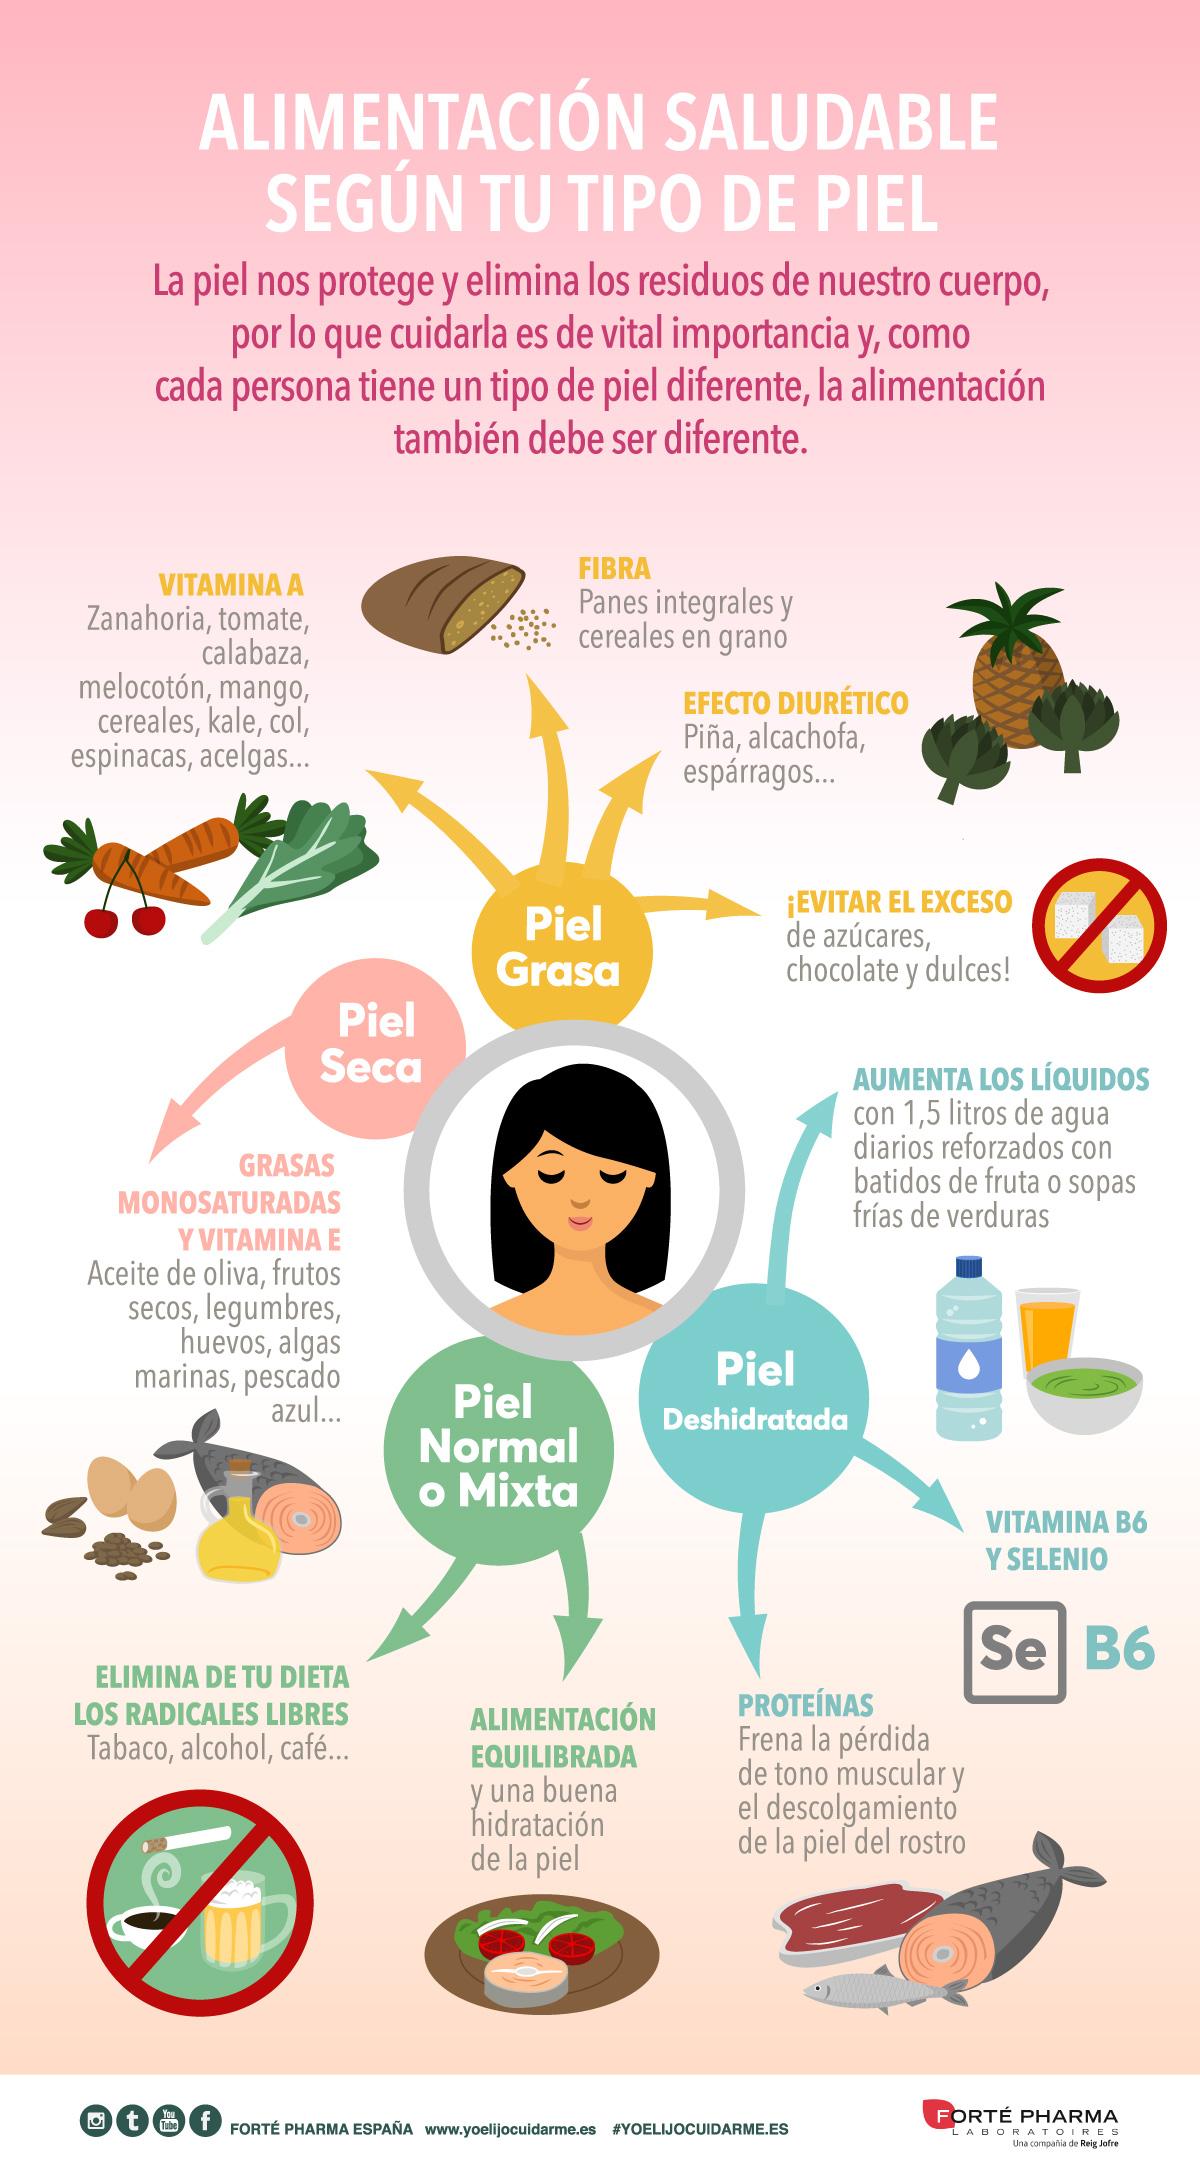 ¿Sabes cuál es la mejor alimentación según tu tipo de piel?